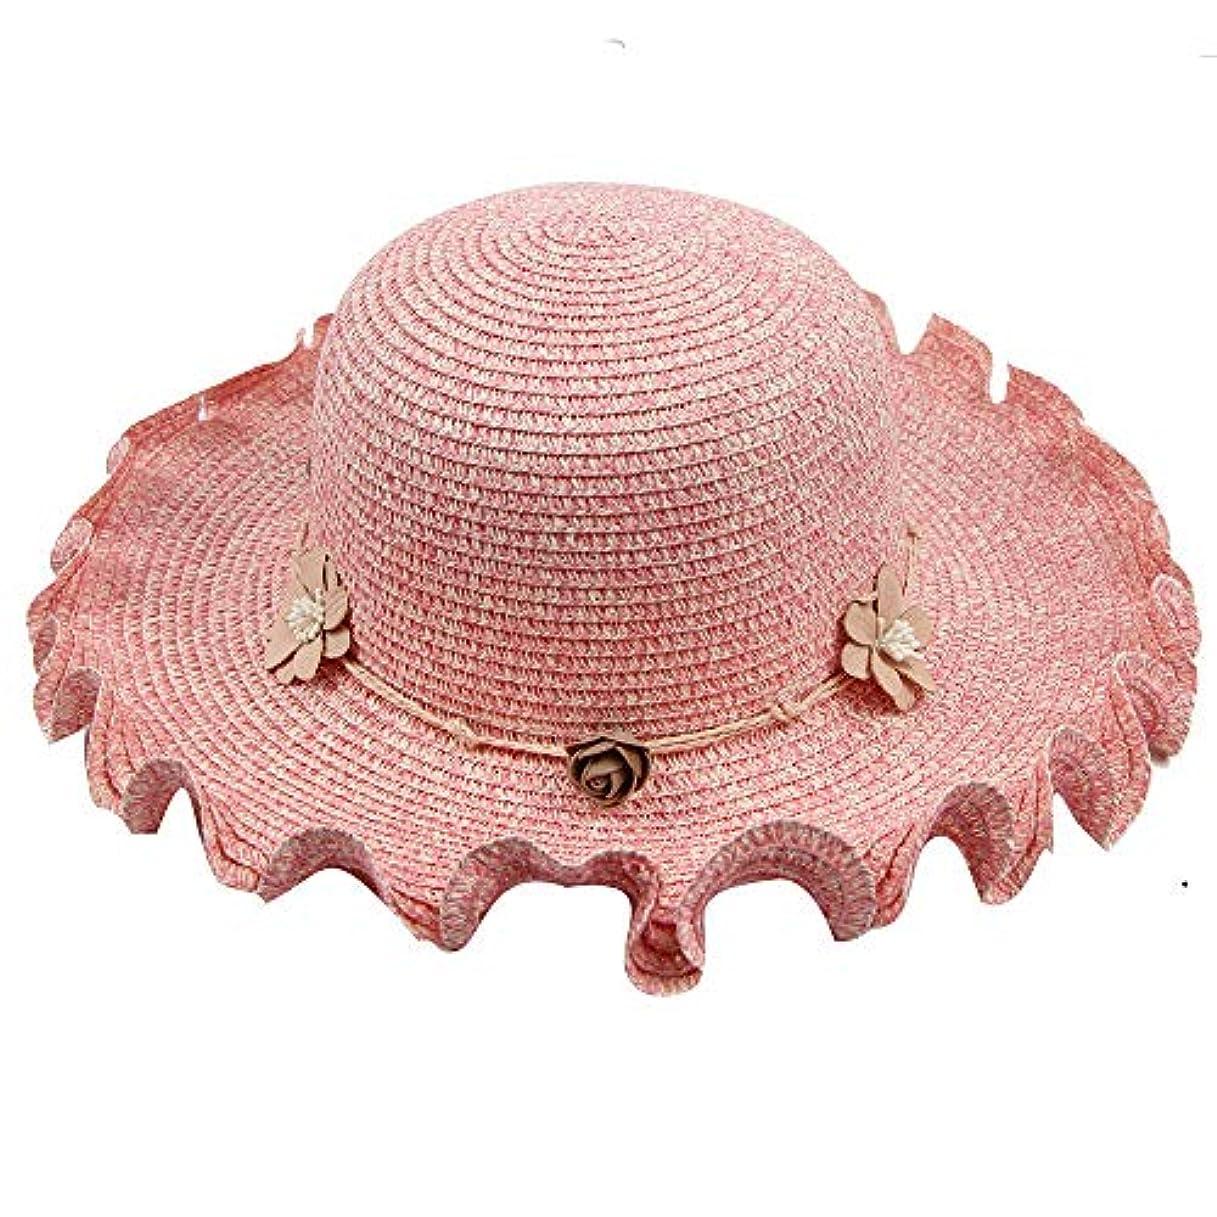 応答プラカード政治的帽子 ROSE ROMAN ハット レディース 帽子 サイズ調整 テープ 夏 ビーチ 必須 UVカット 帽子 日焼け防止 紫外線対策 ニット帽 ビーチ レディース ハンチング帽 発送 春夏 ベレー帽 帽子 レディース ブリーズフレンチハット